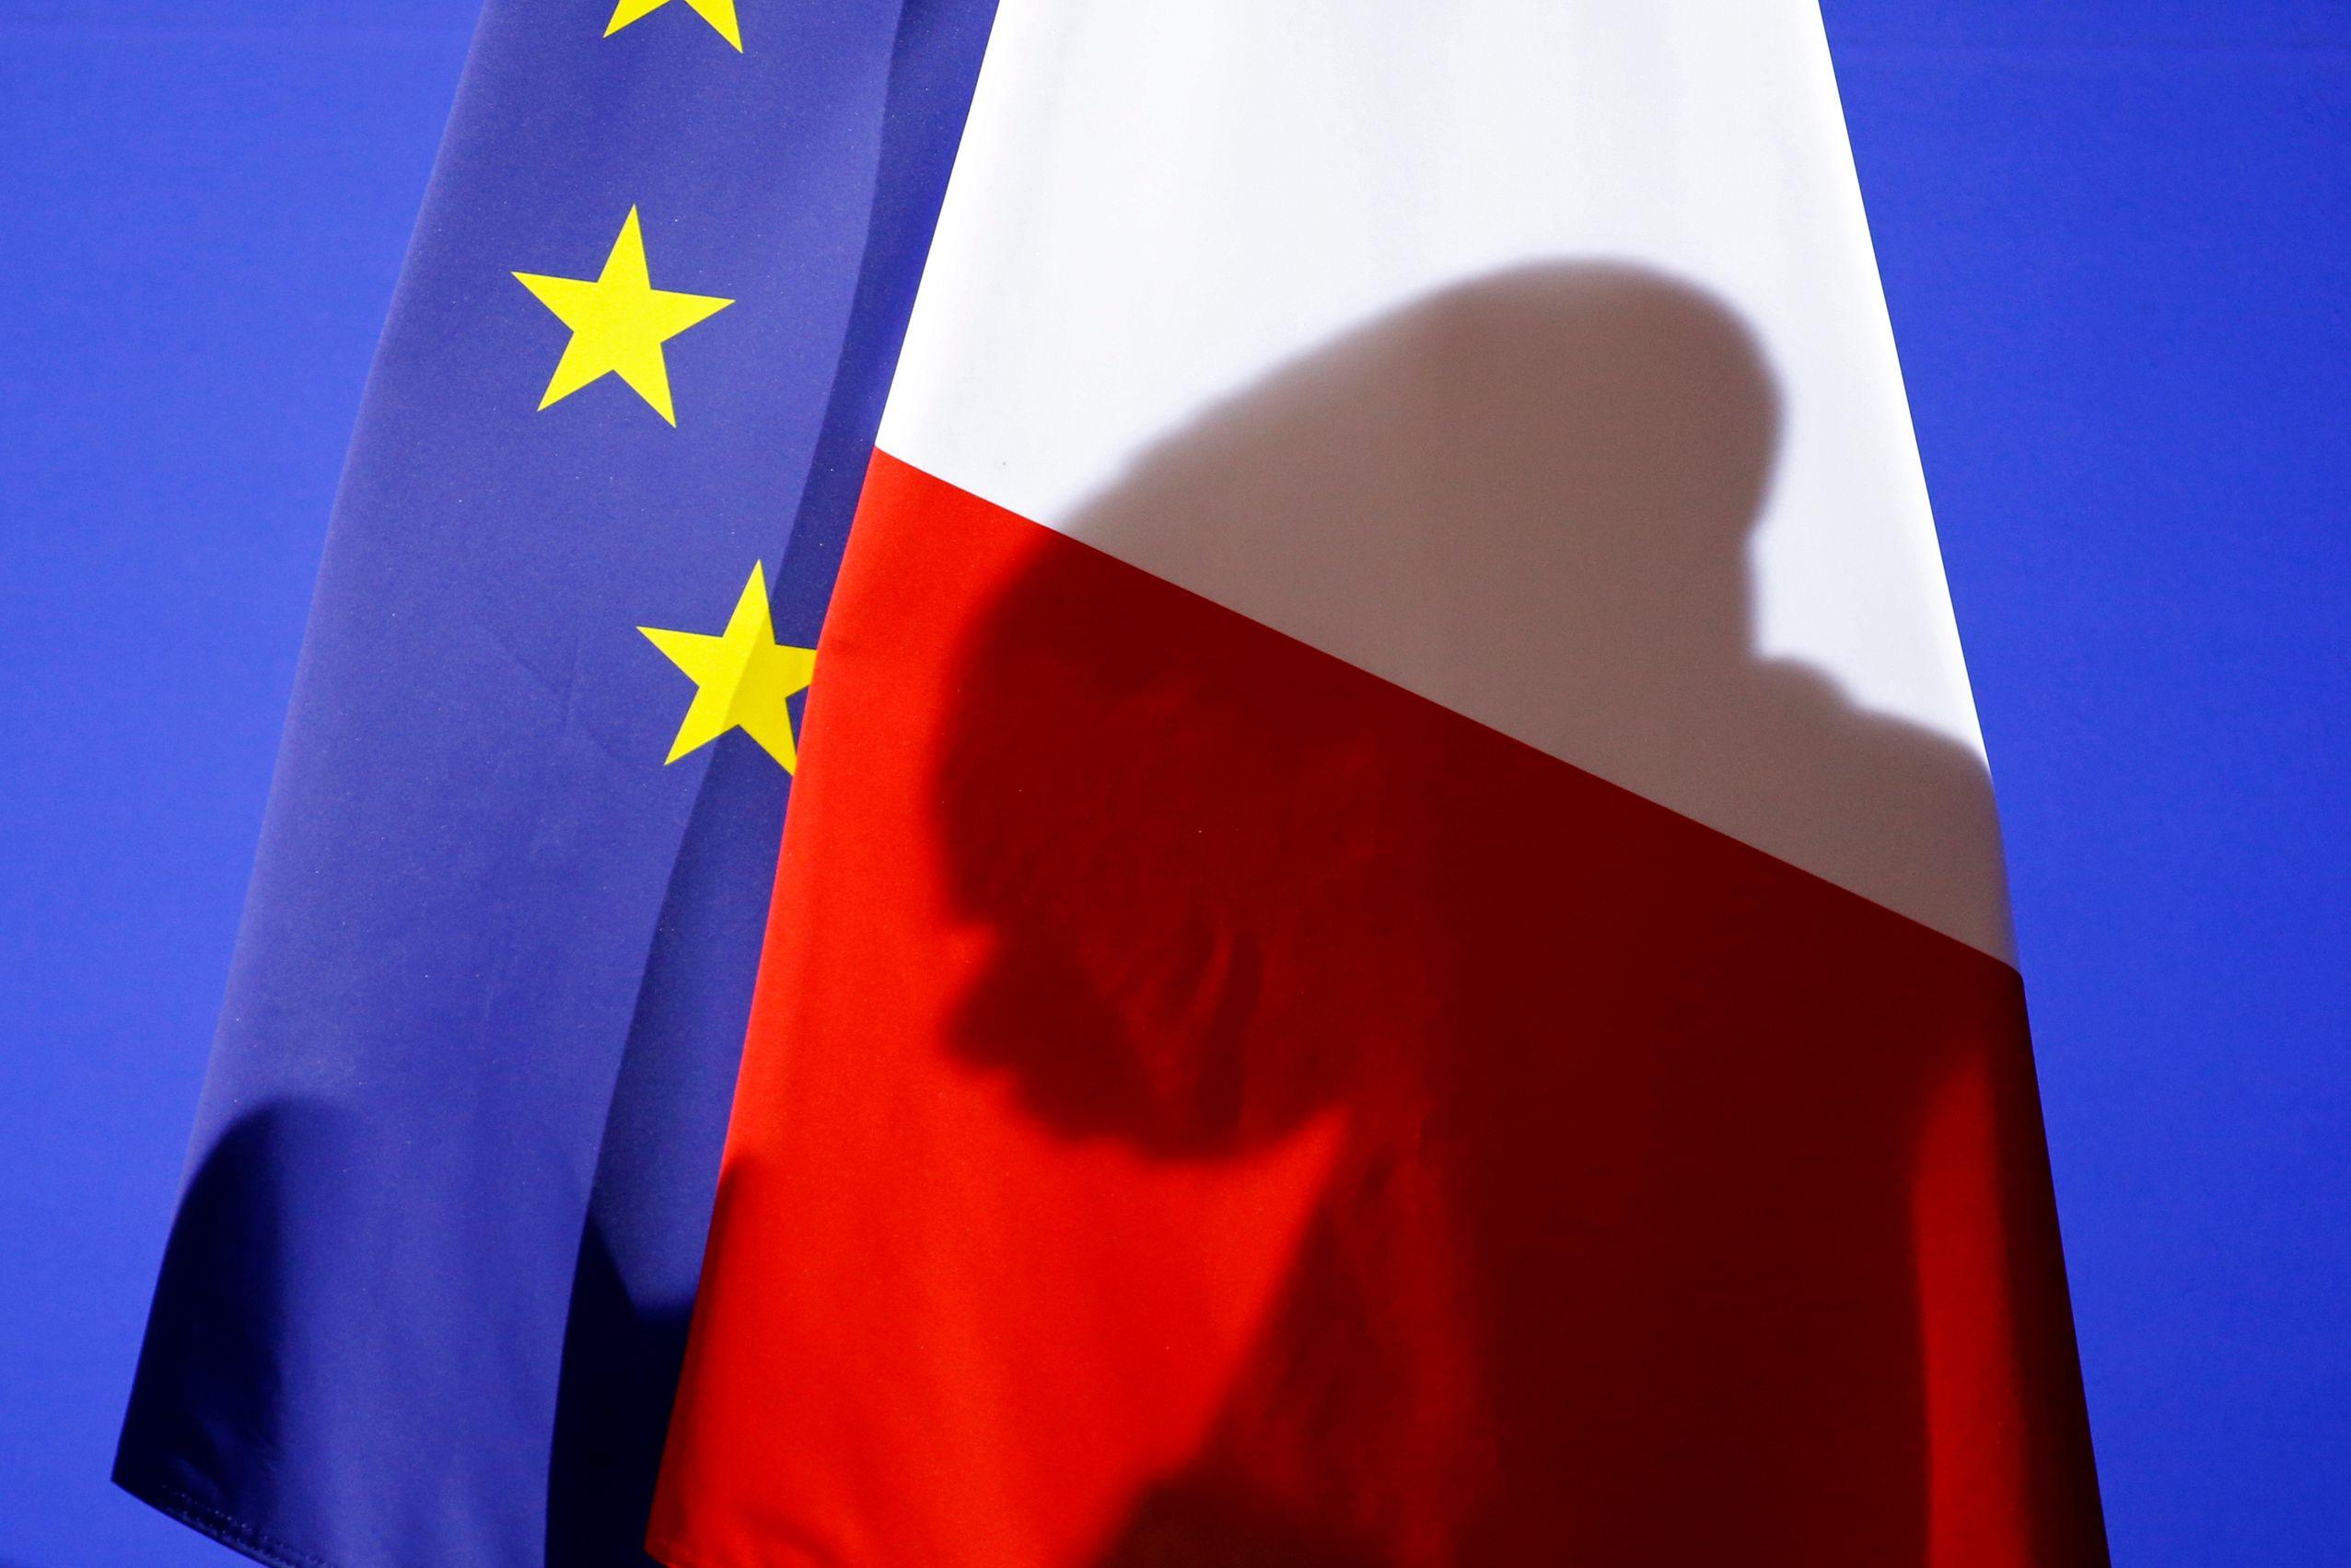 L'aptitude de la France à se différencier des autres pays vient de se manifester à son avantage.